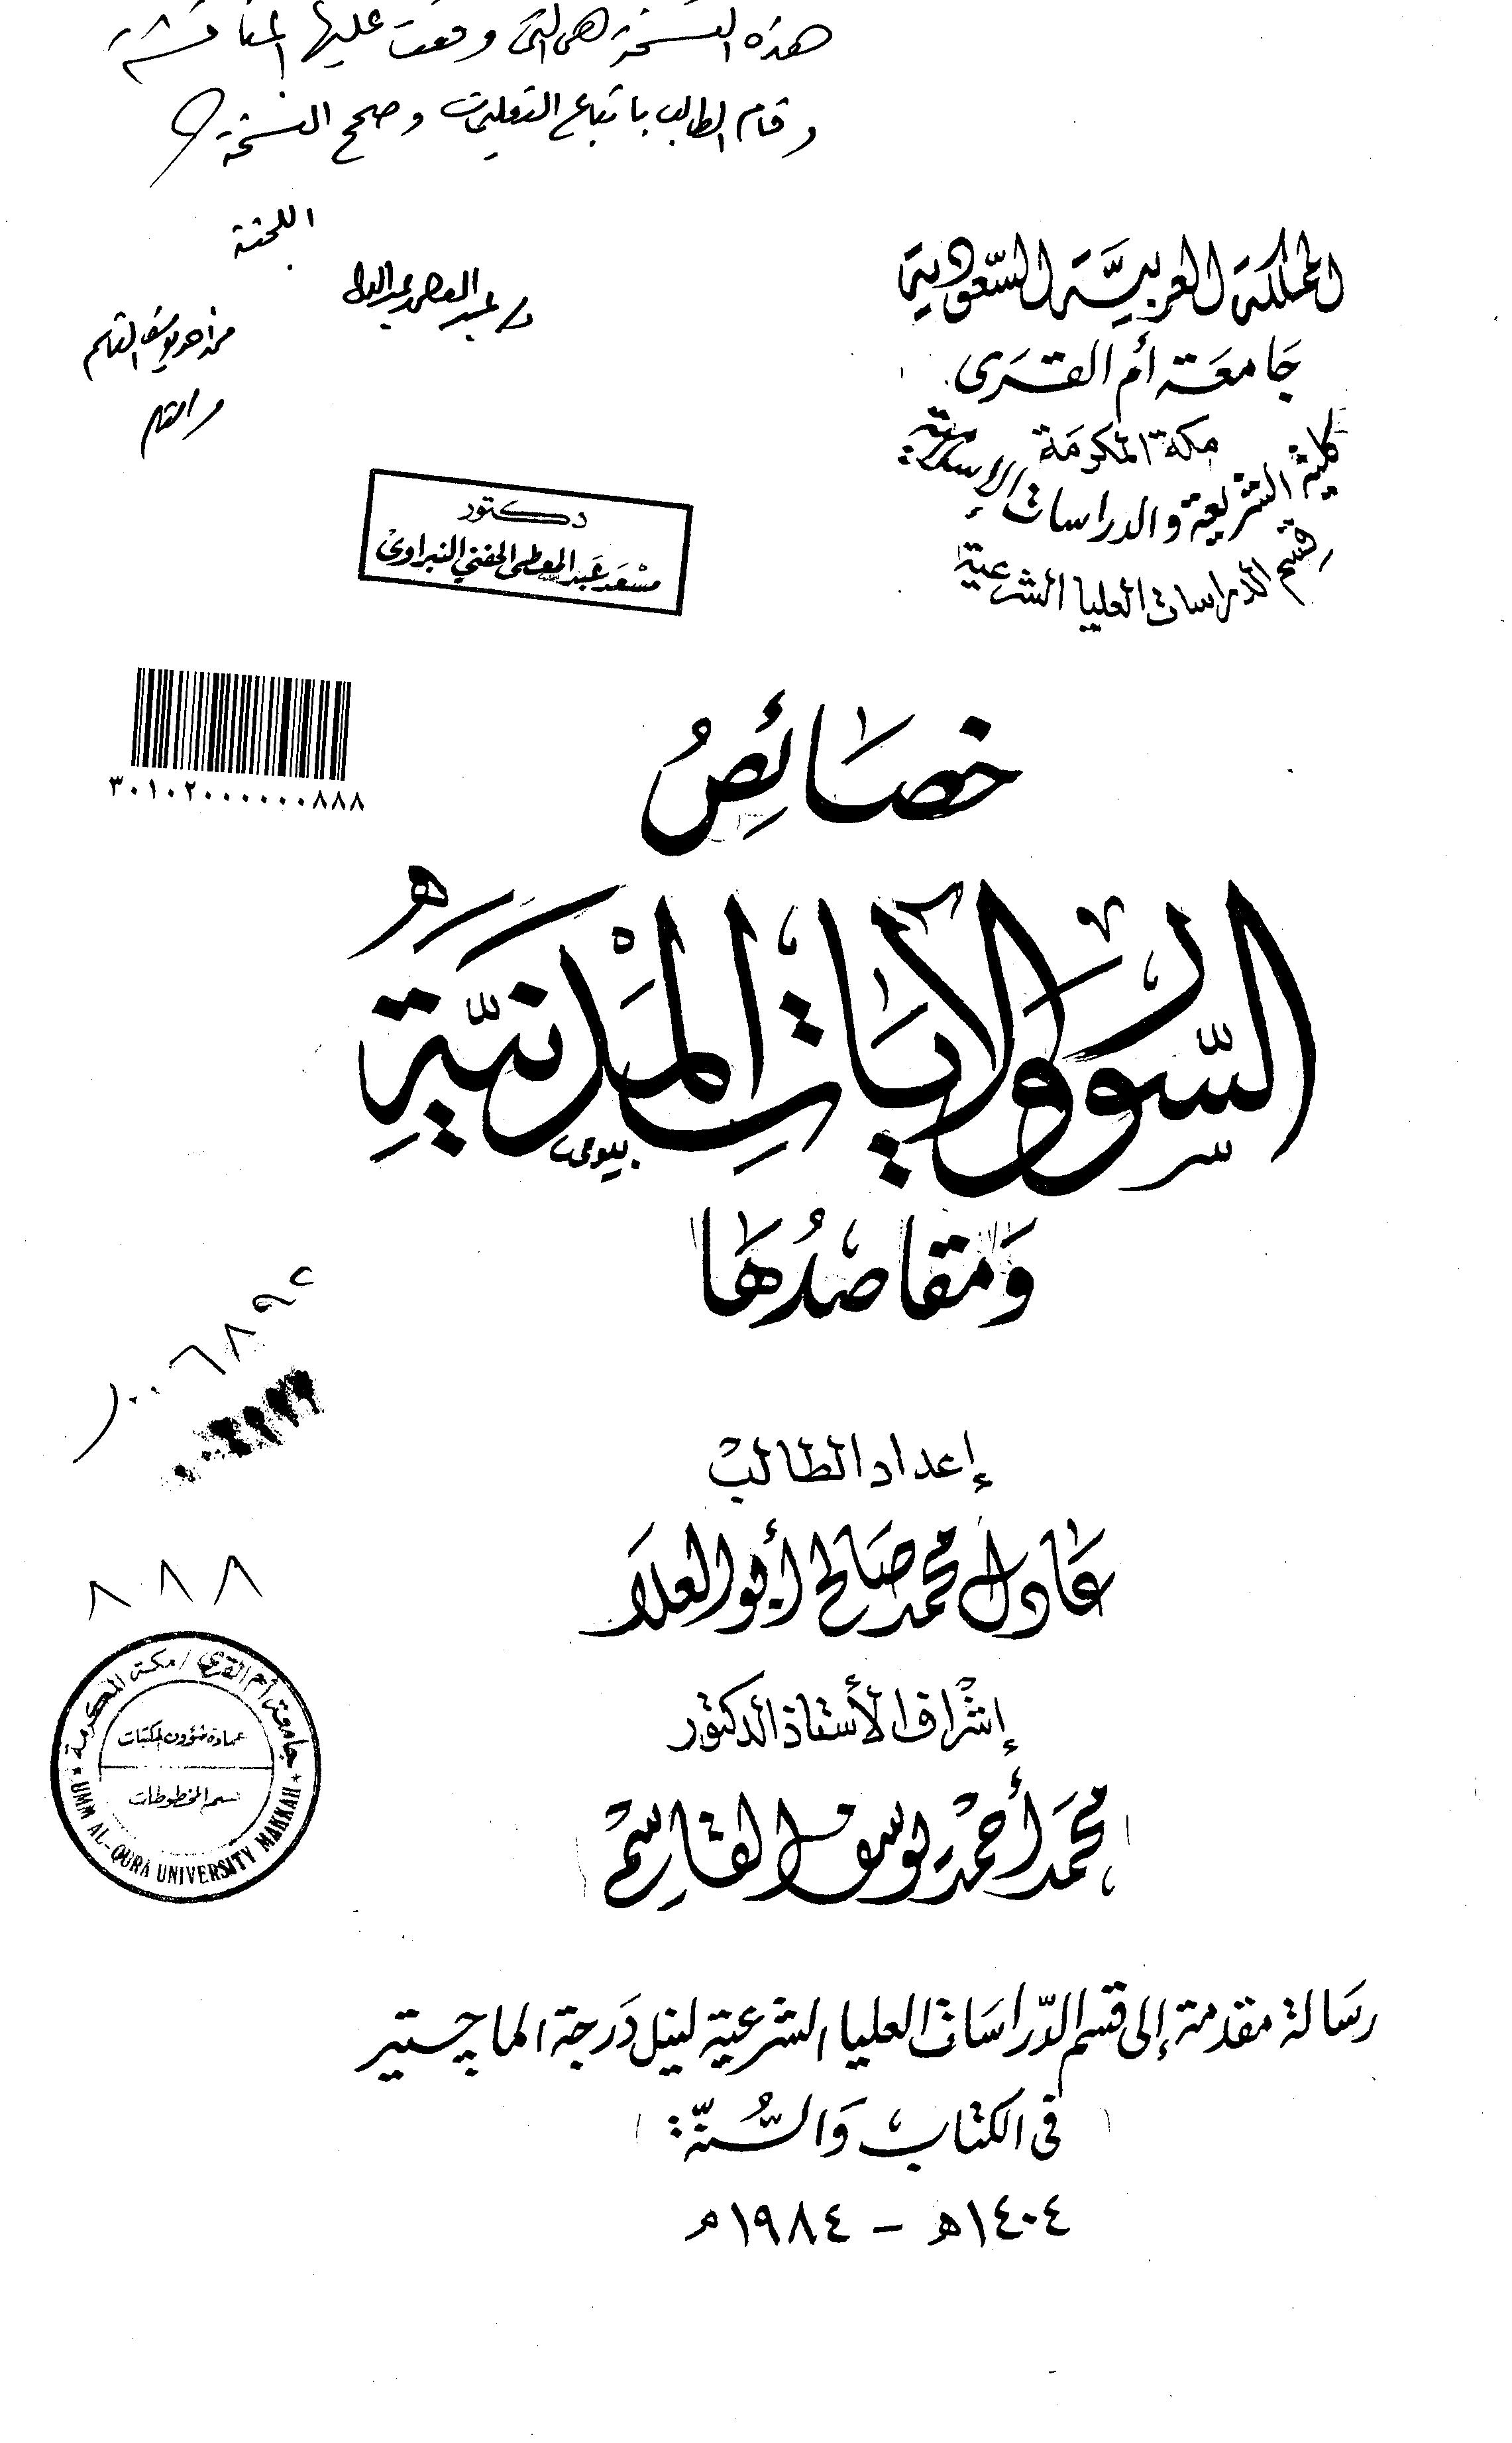 تحميل كتاب خصائص السور والآيات المدنية ومقاصدها لـِ: الدكتور عادل محمد صالح أبو العلا